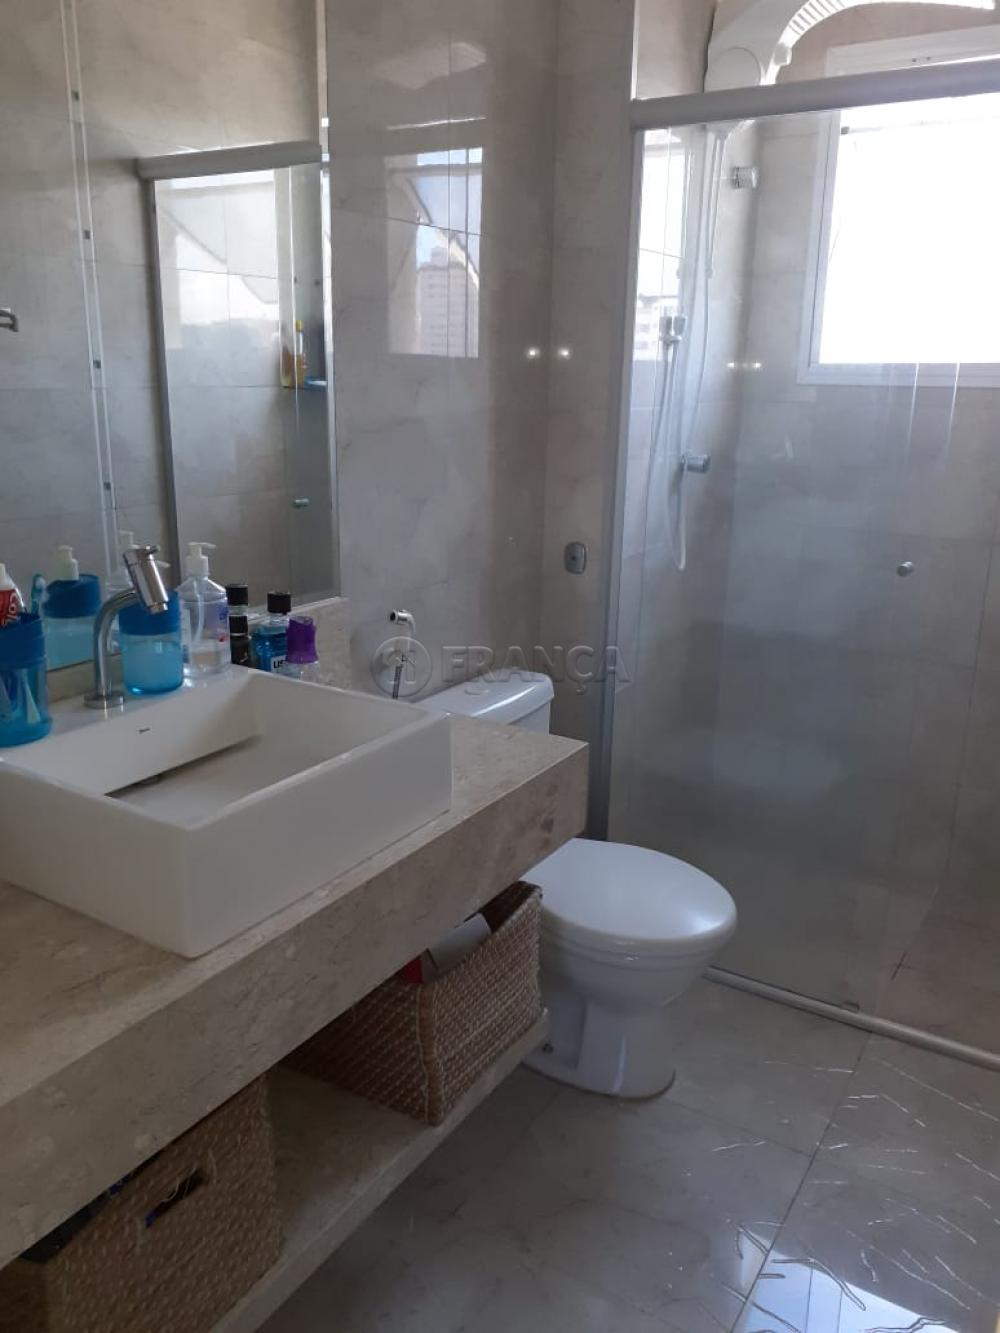 Comprar Casa / Condomínio em Jacareí apenas R$ 750.000,00 - Foto 18